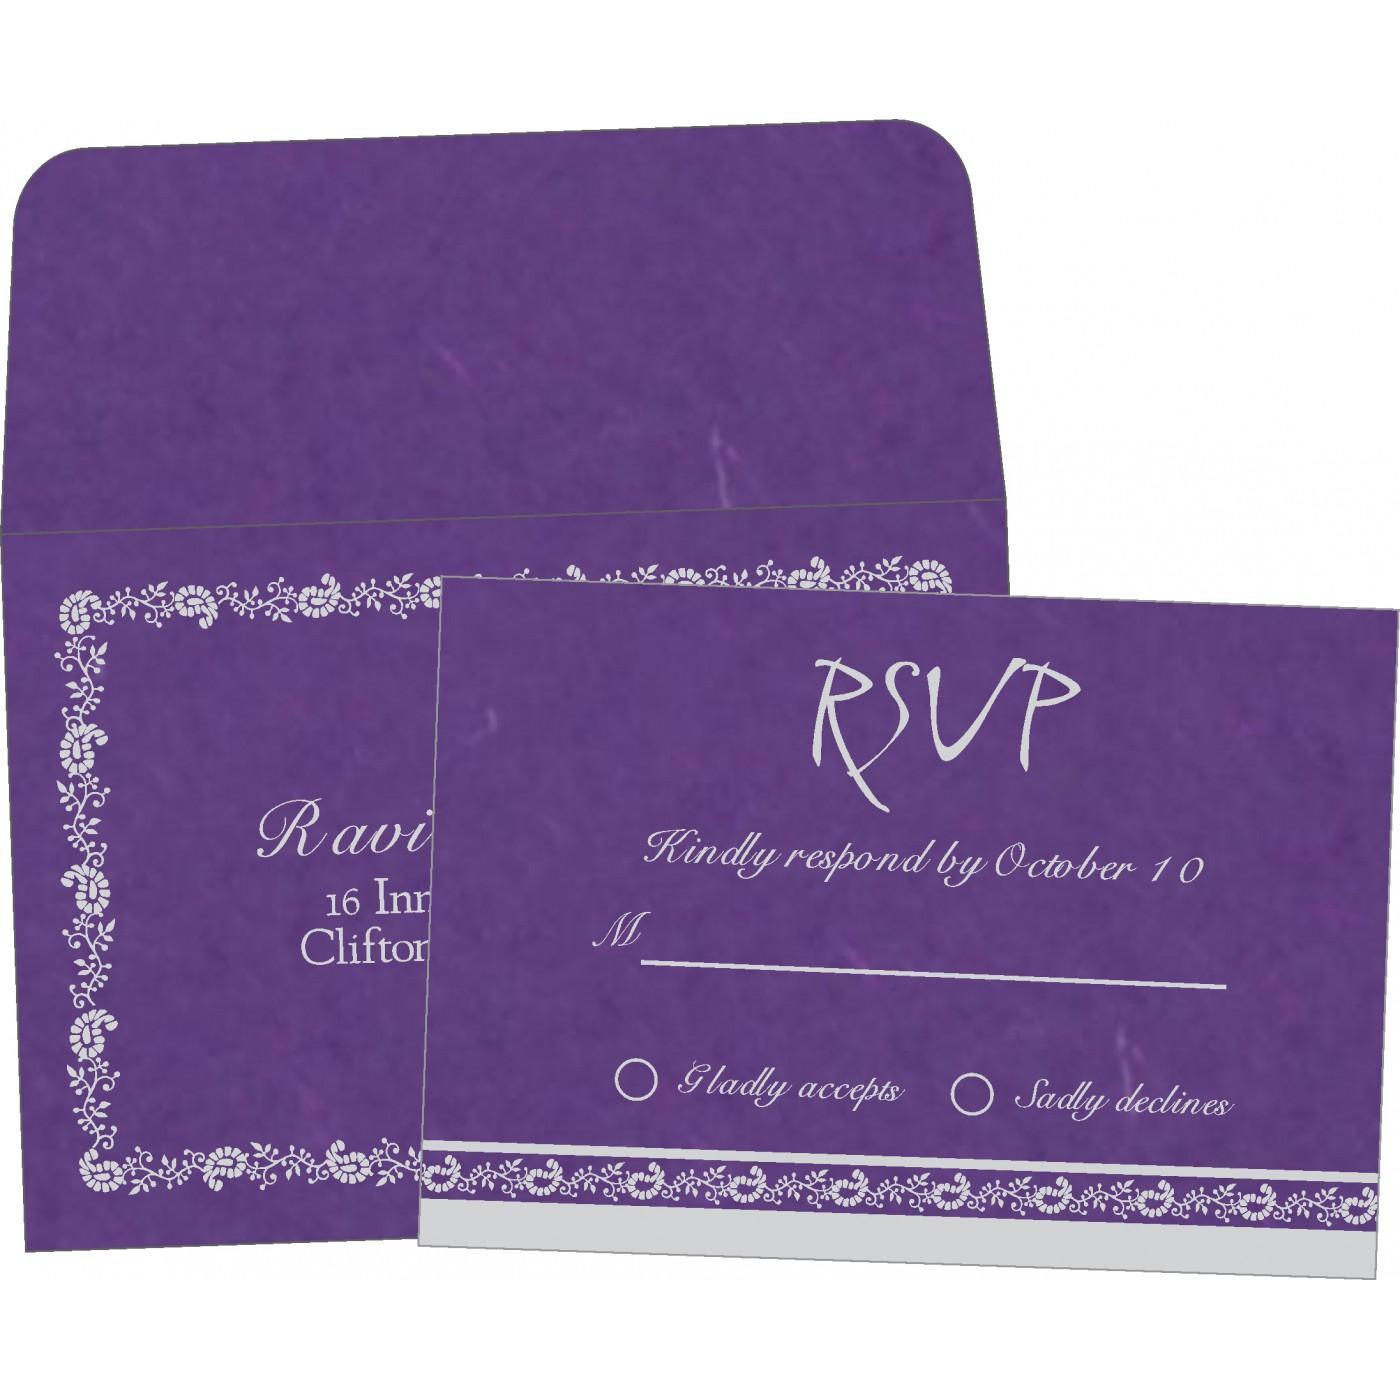 RSVP Cards : CRSVP-8208D - IndianWeddingCards